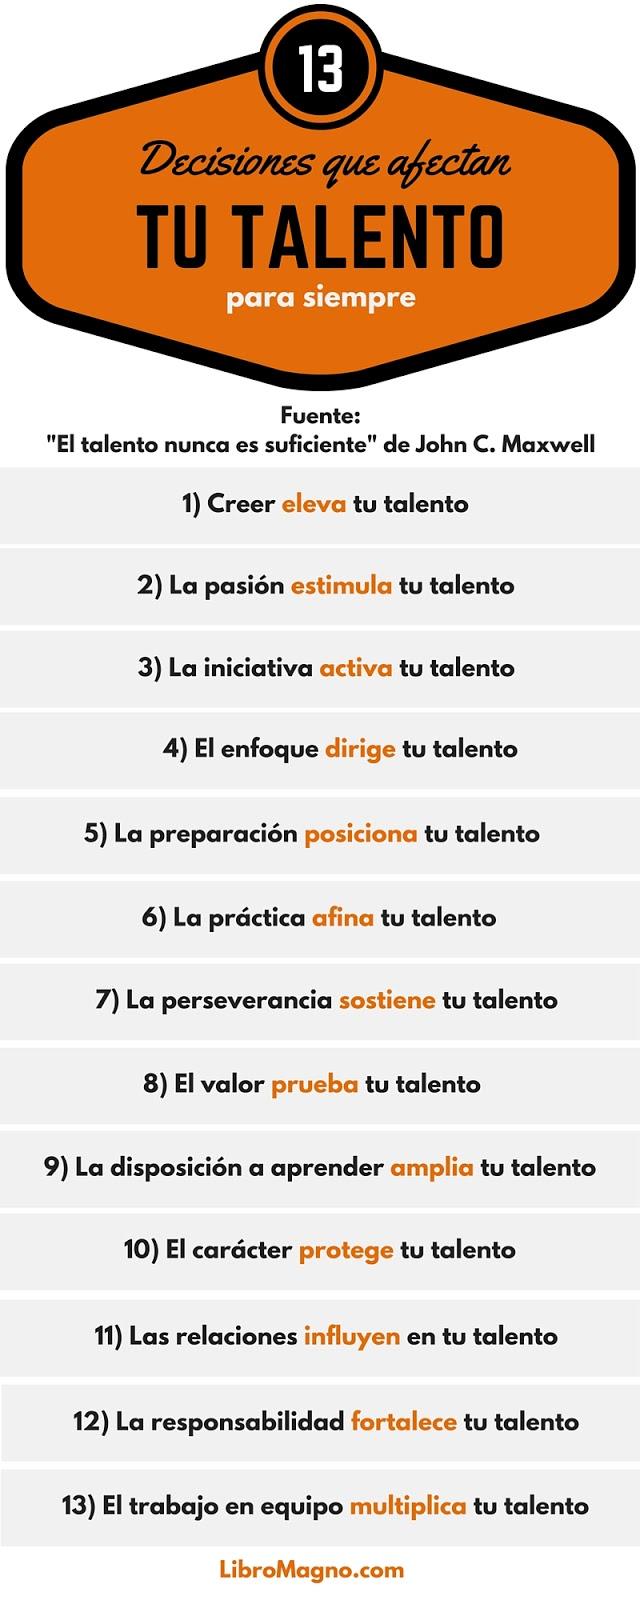 13 decisiones que afectan tu Talento para siempre